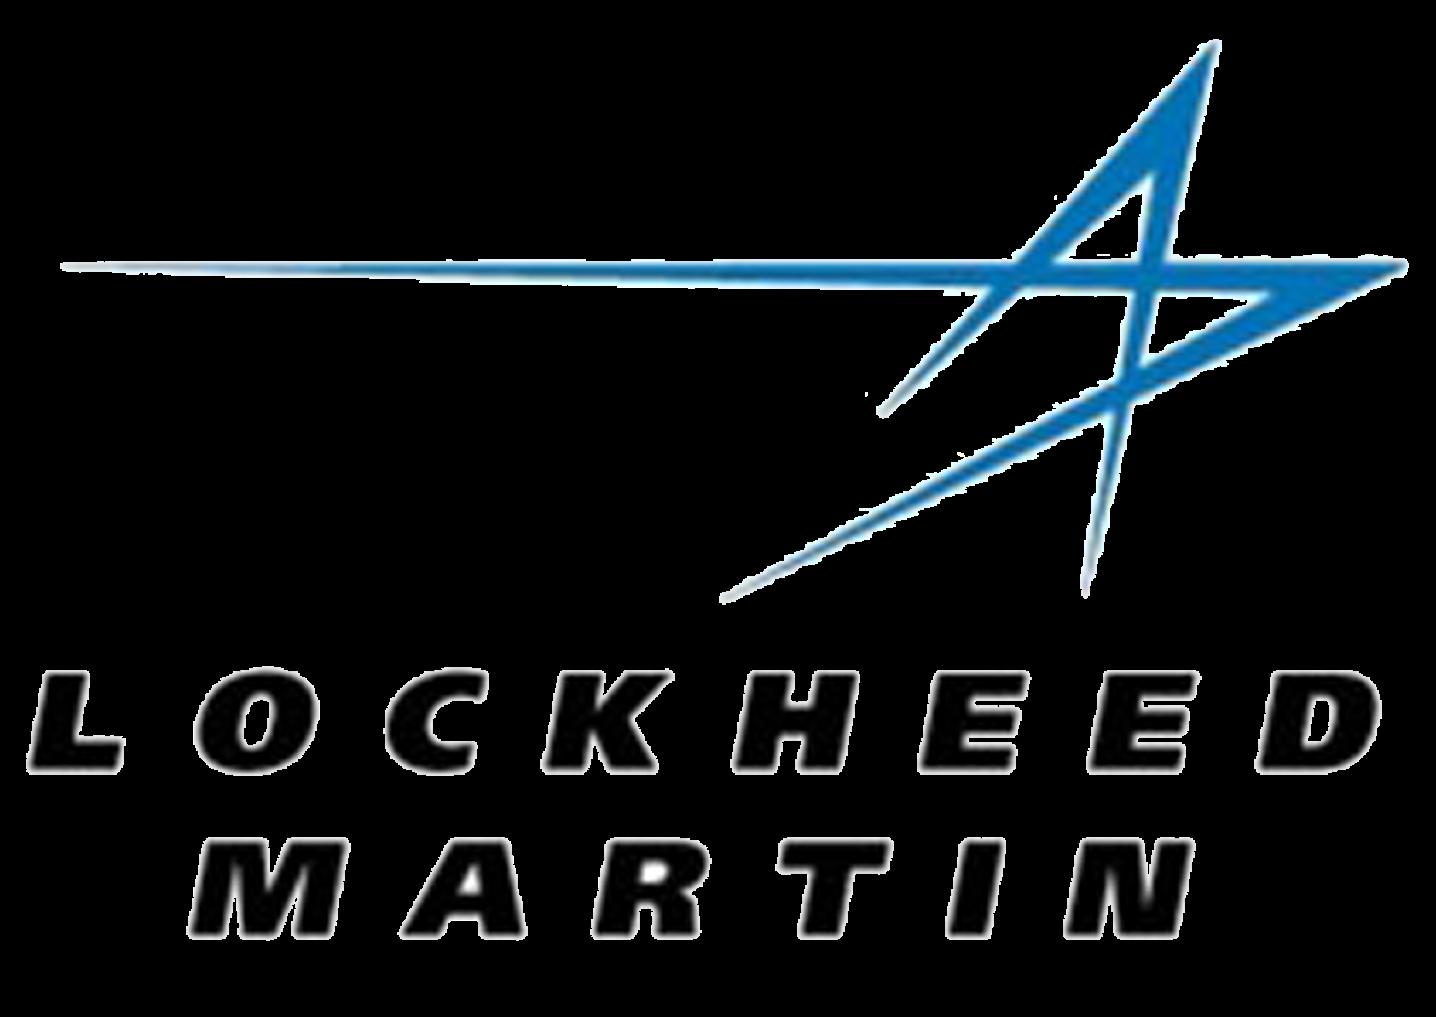 logo-lockheed-martin.png